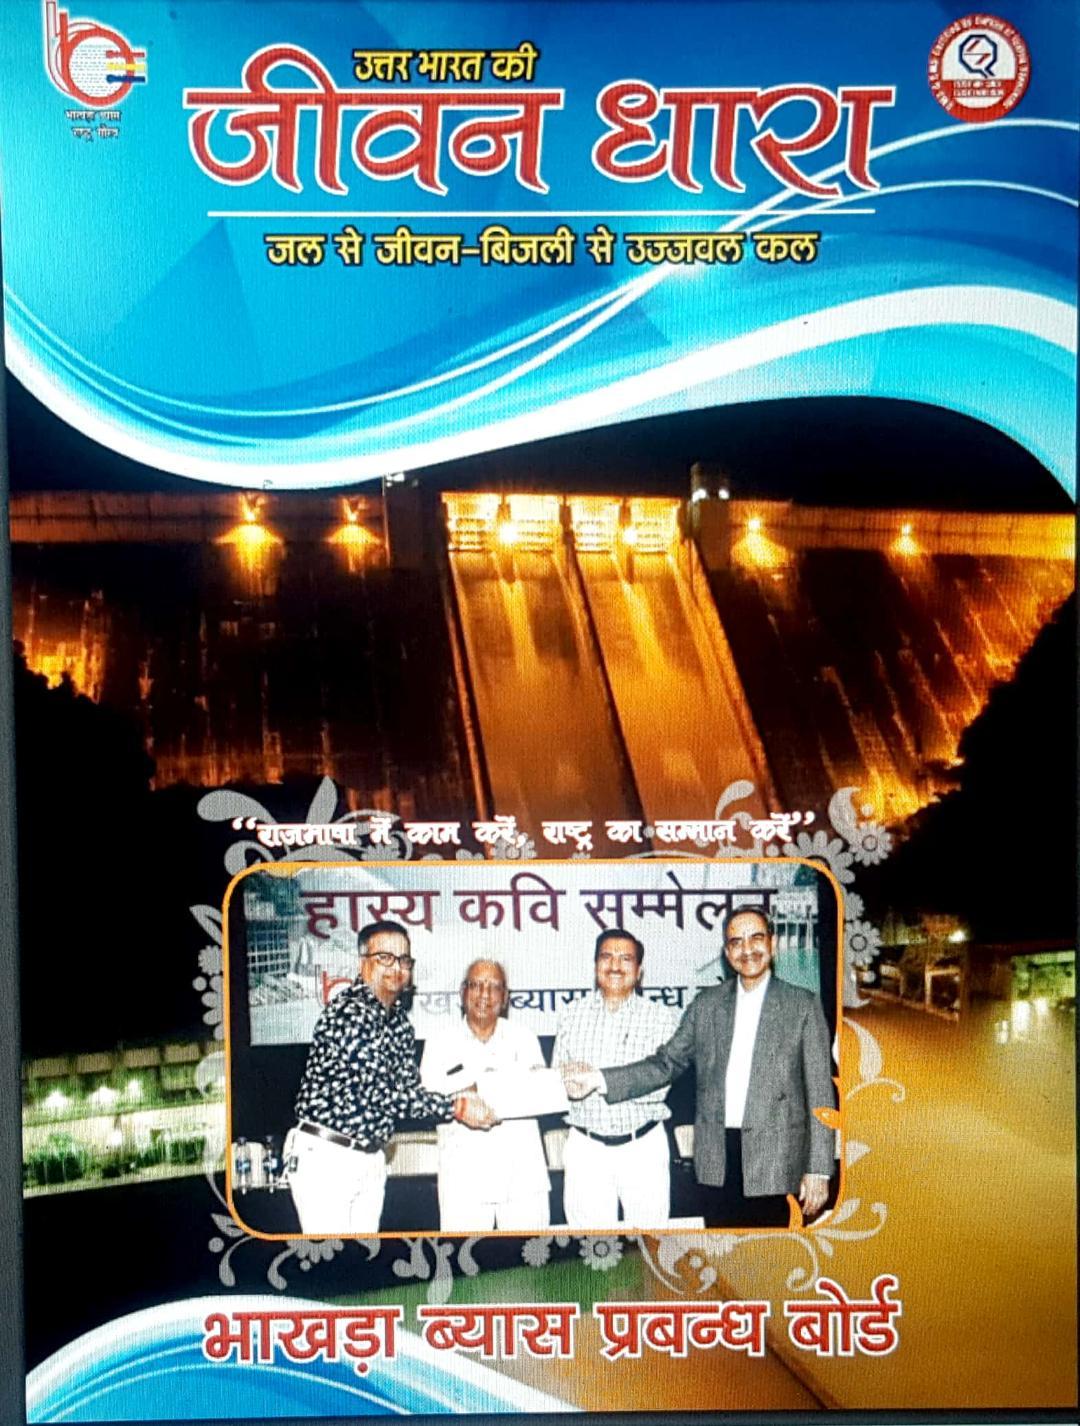 Uttar Bharat ki Jeevan Dhara